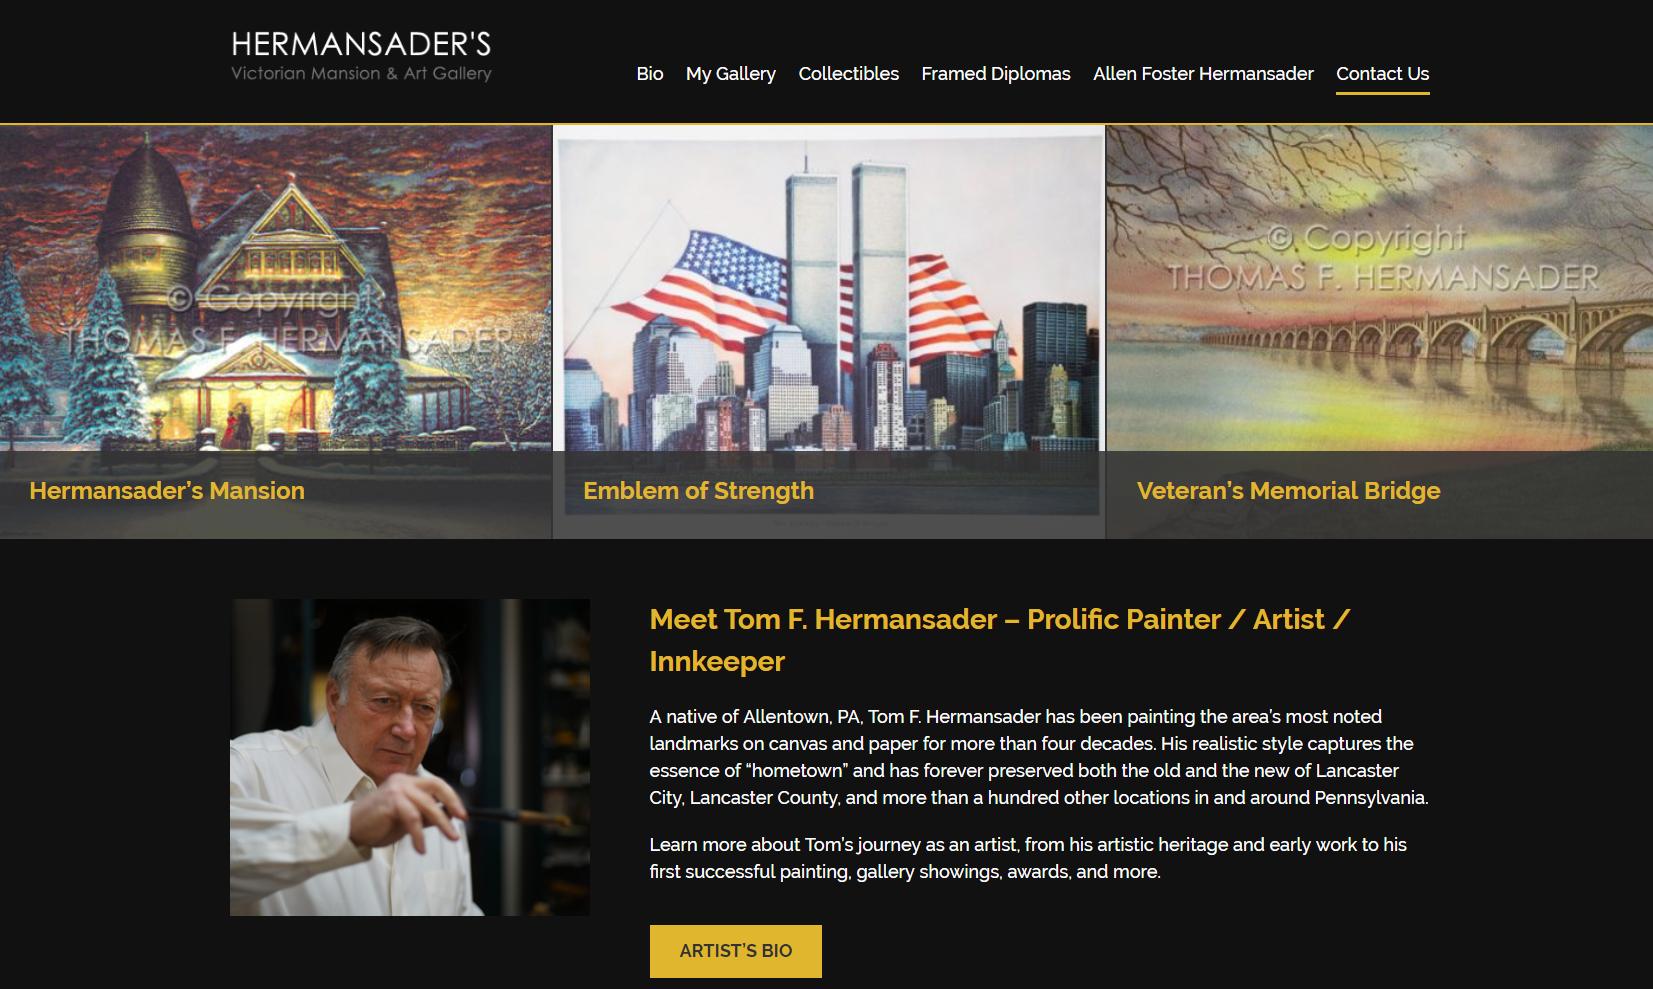 HermansaderHomepage